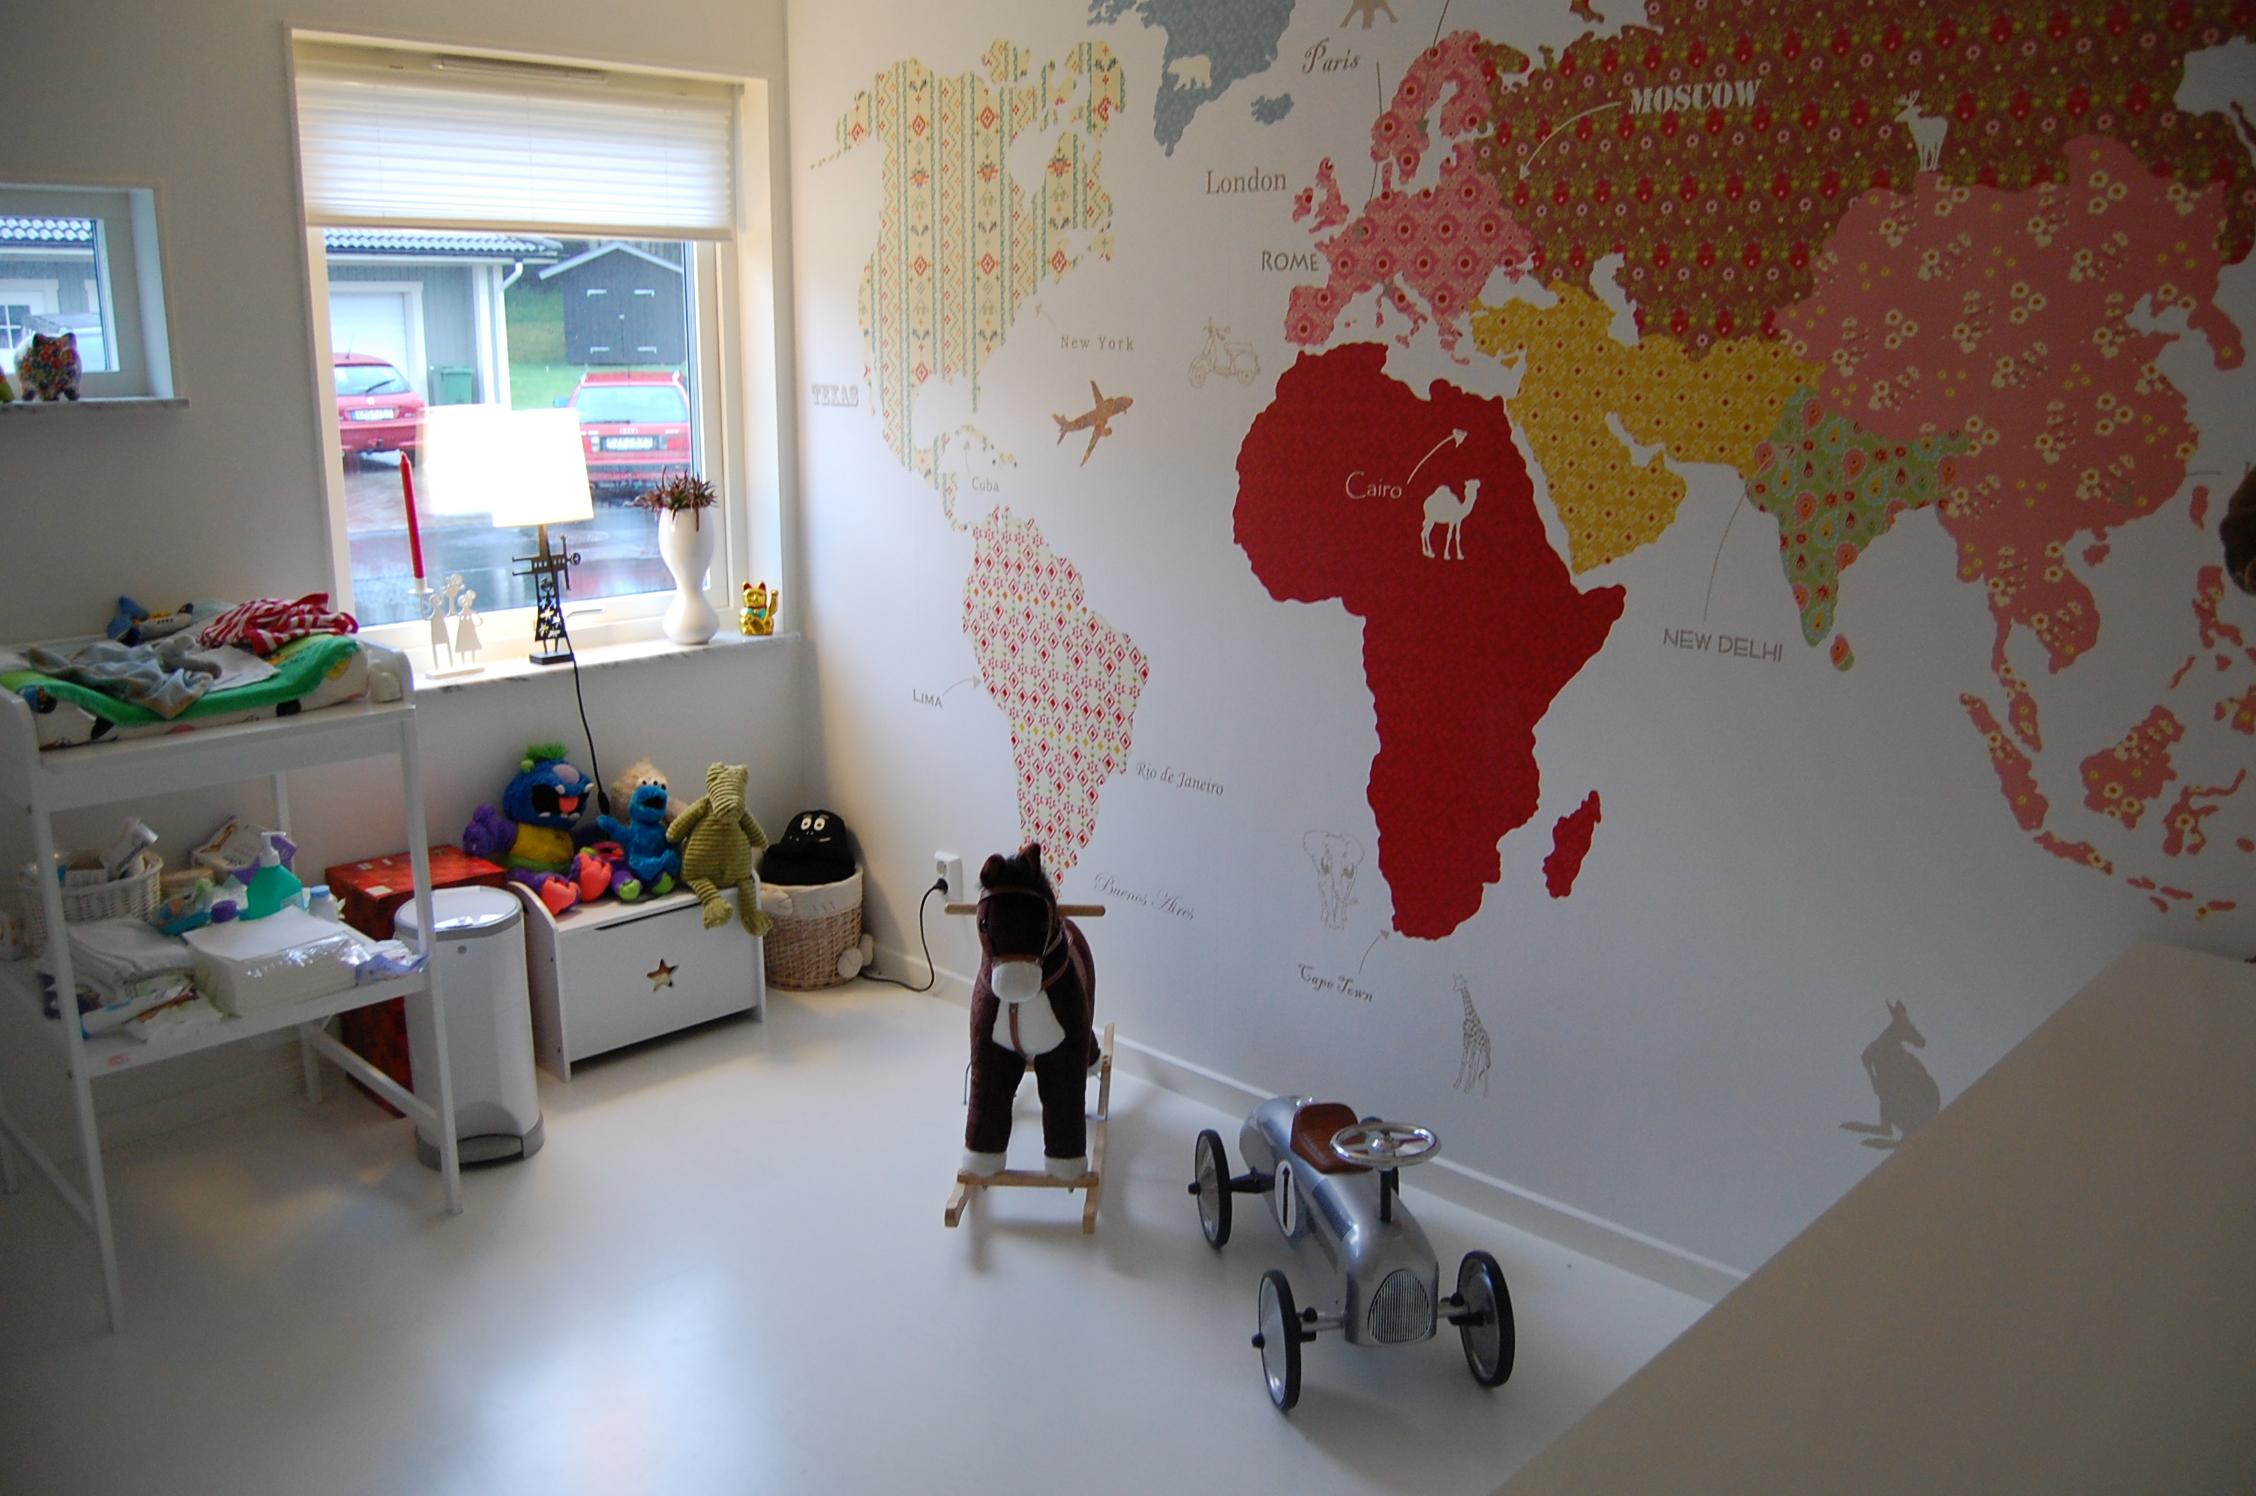 tapet karta barn tapet världskarta | som en öppen blogg 3.0 tapet karta barn